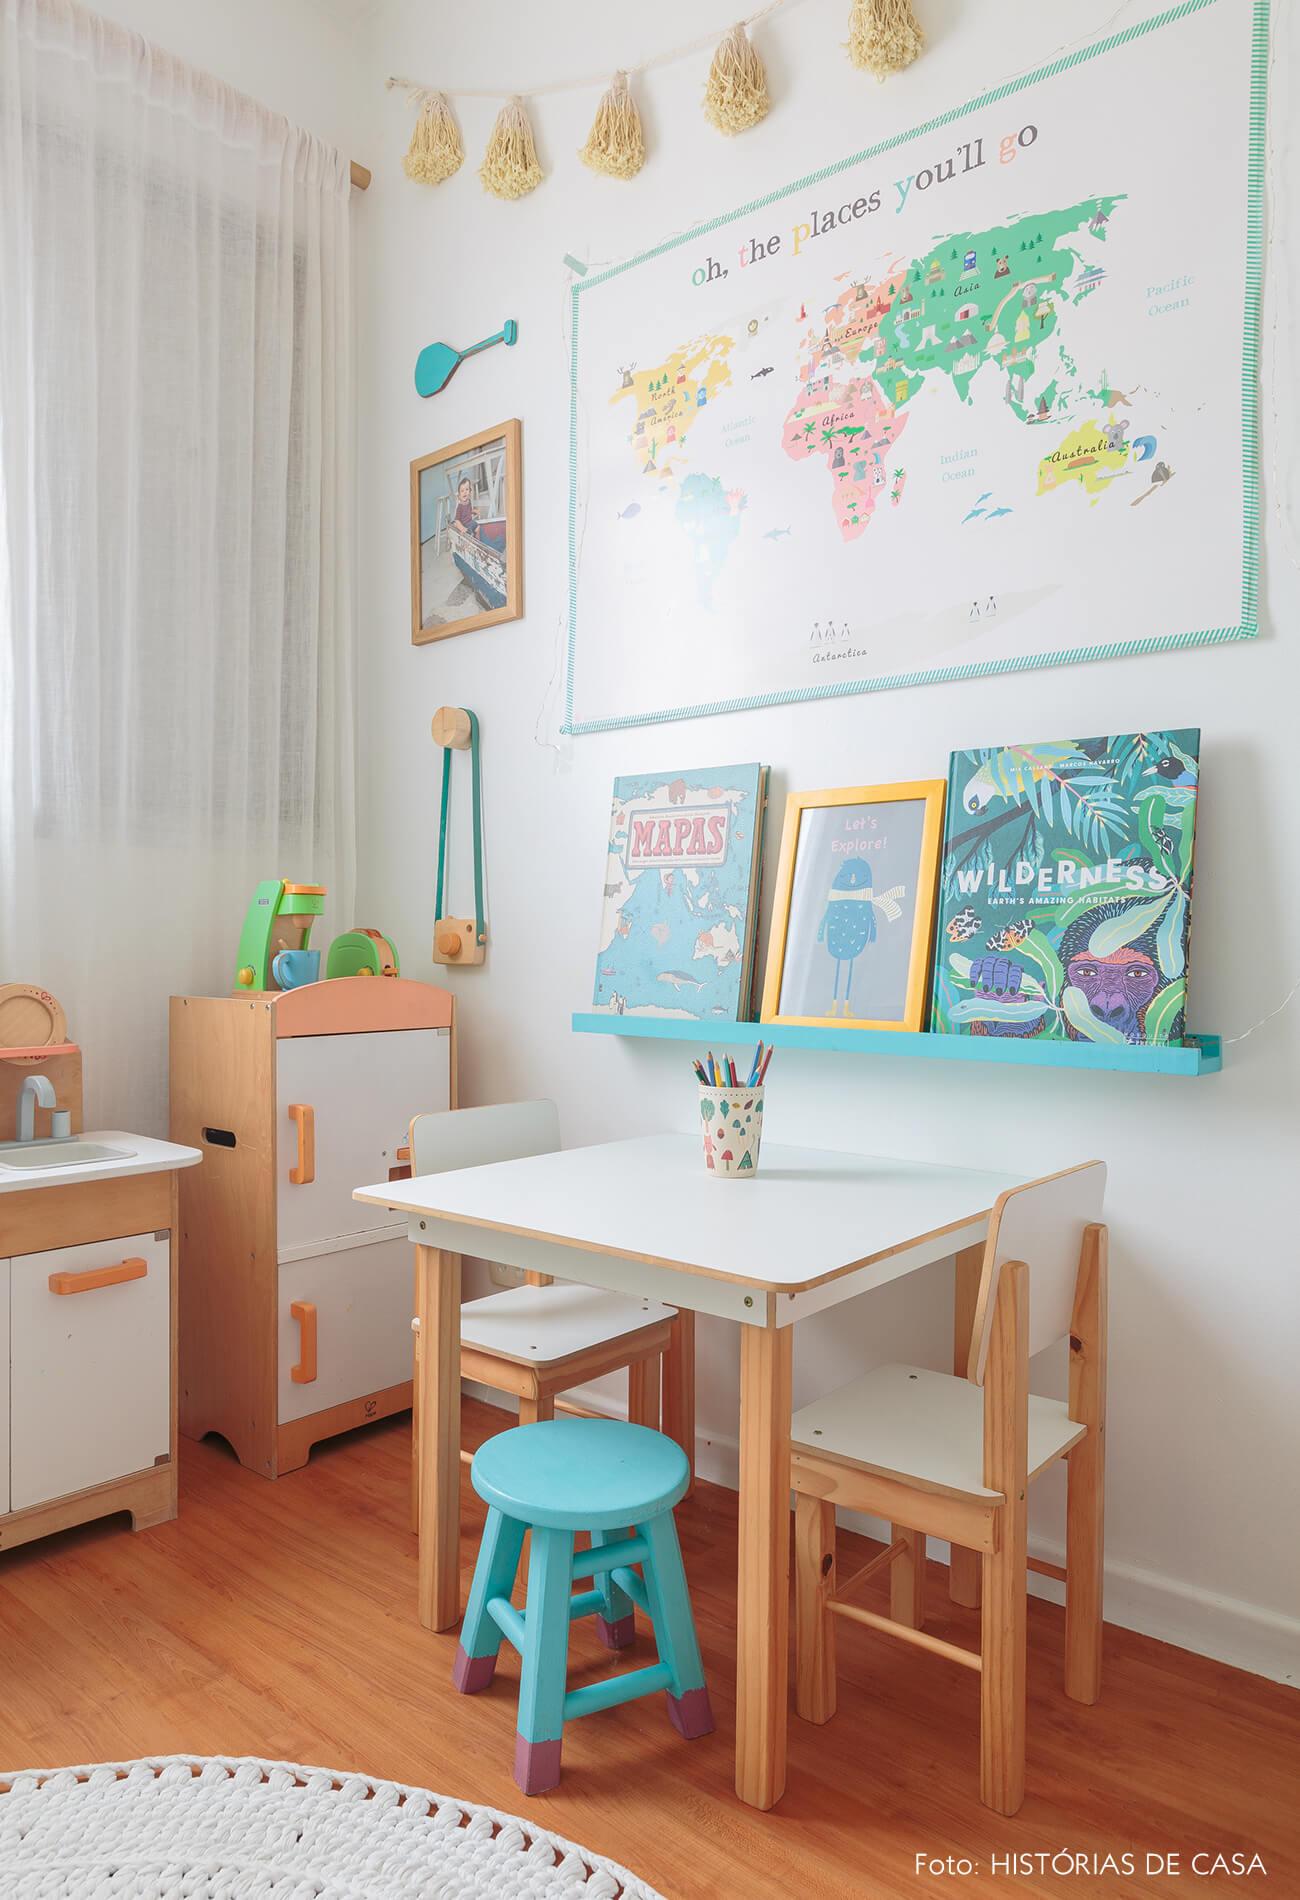 decoração praiana quarto infantil com móveis e cozinha de brinquedo de madeira